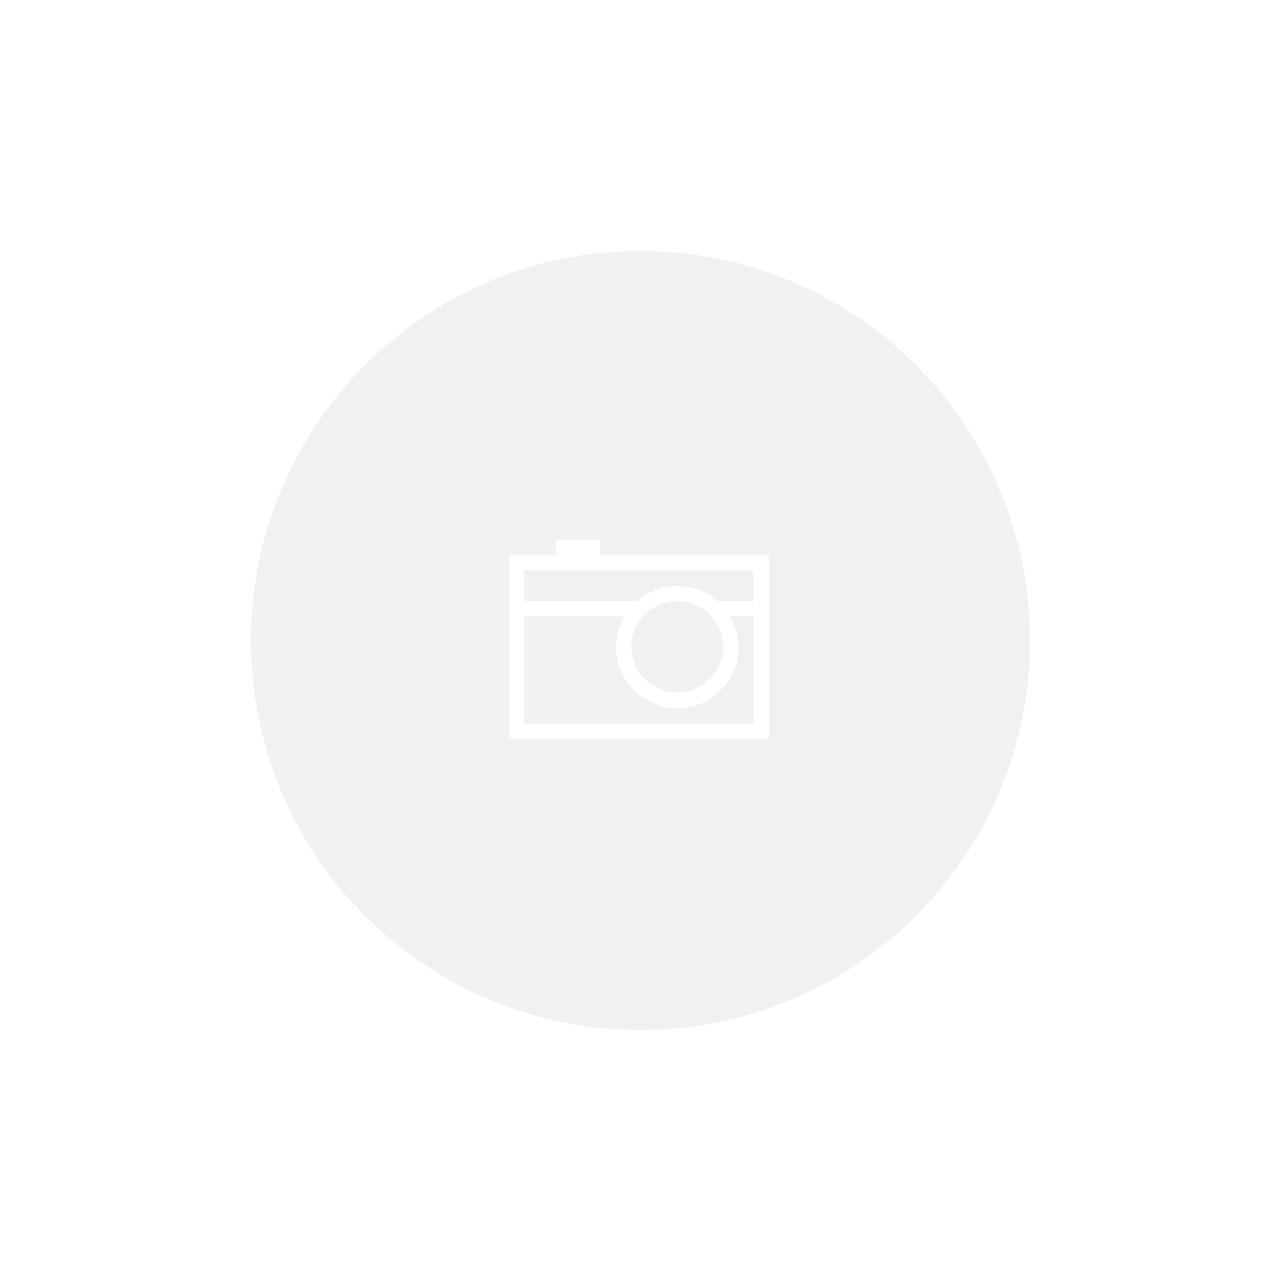 Bandeja Inox Redonda 45 cm Tramontina